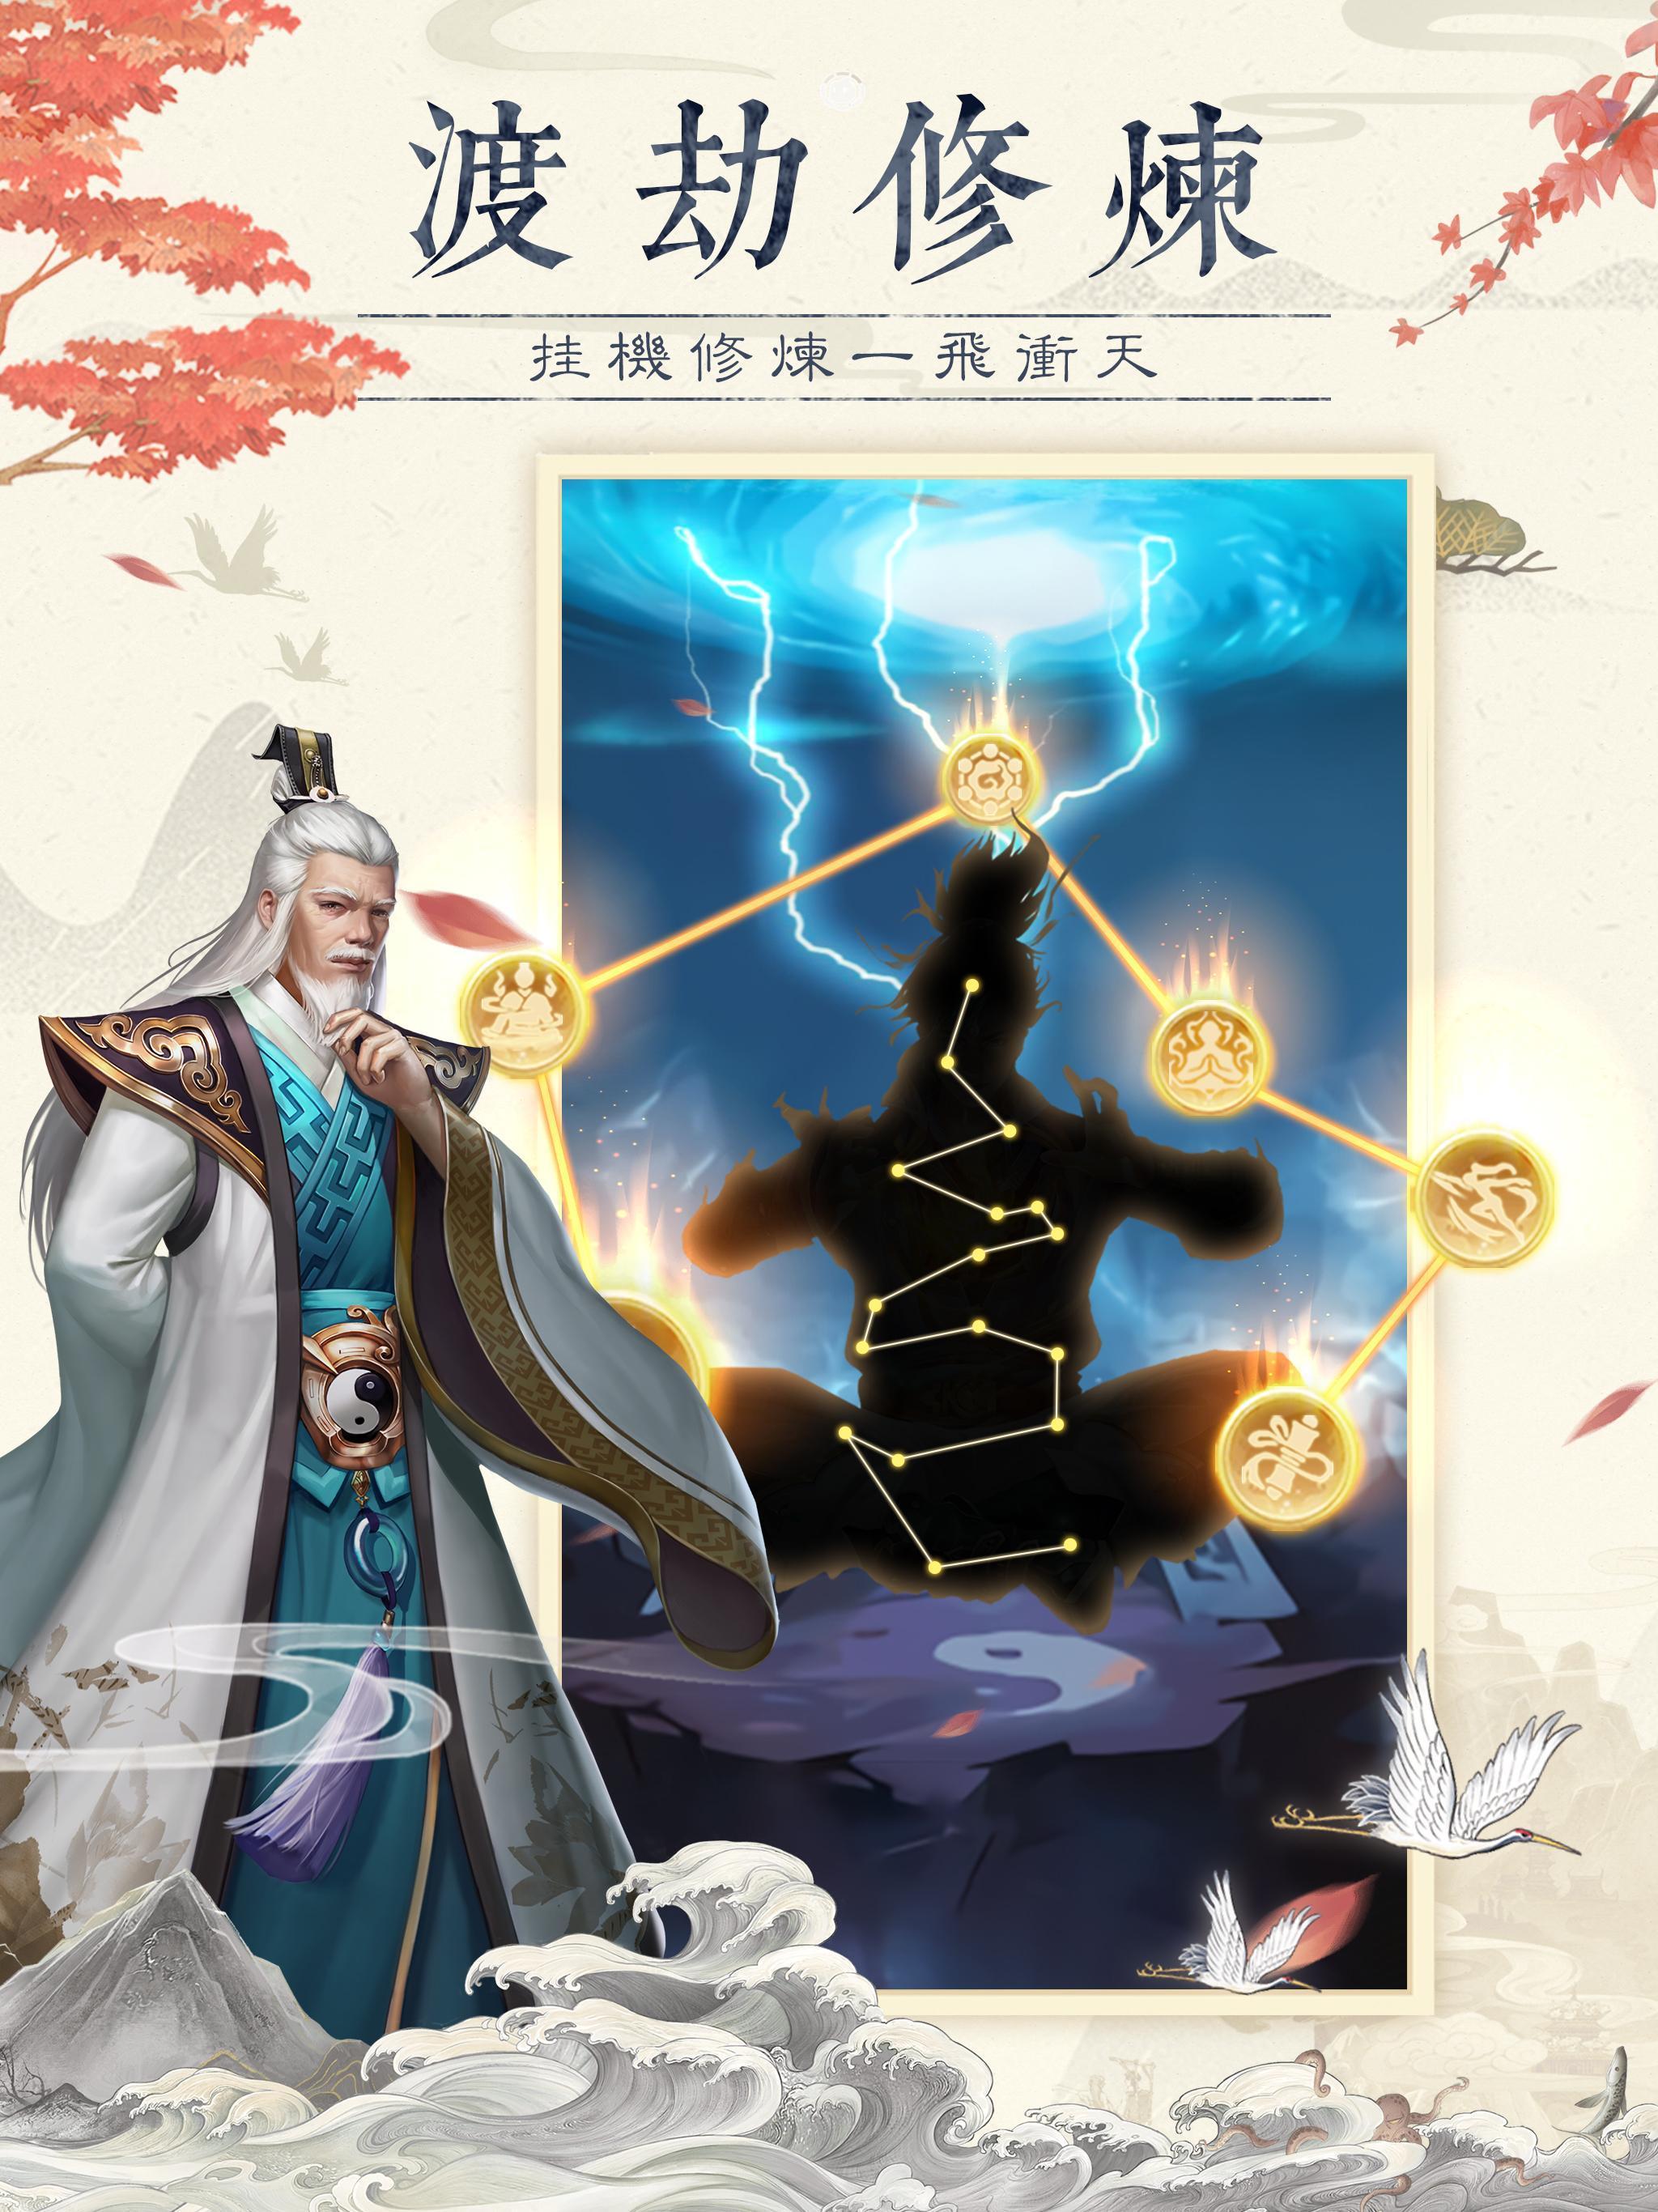 仙命決——俠侶雙修,道友PVP對決 1.3.2 Screenshot 7